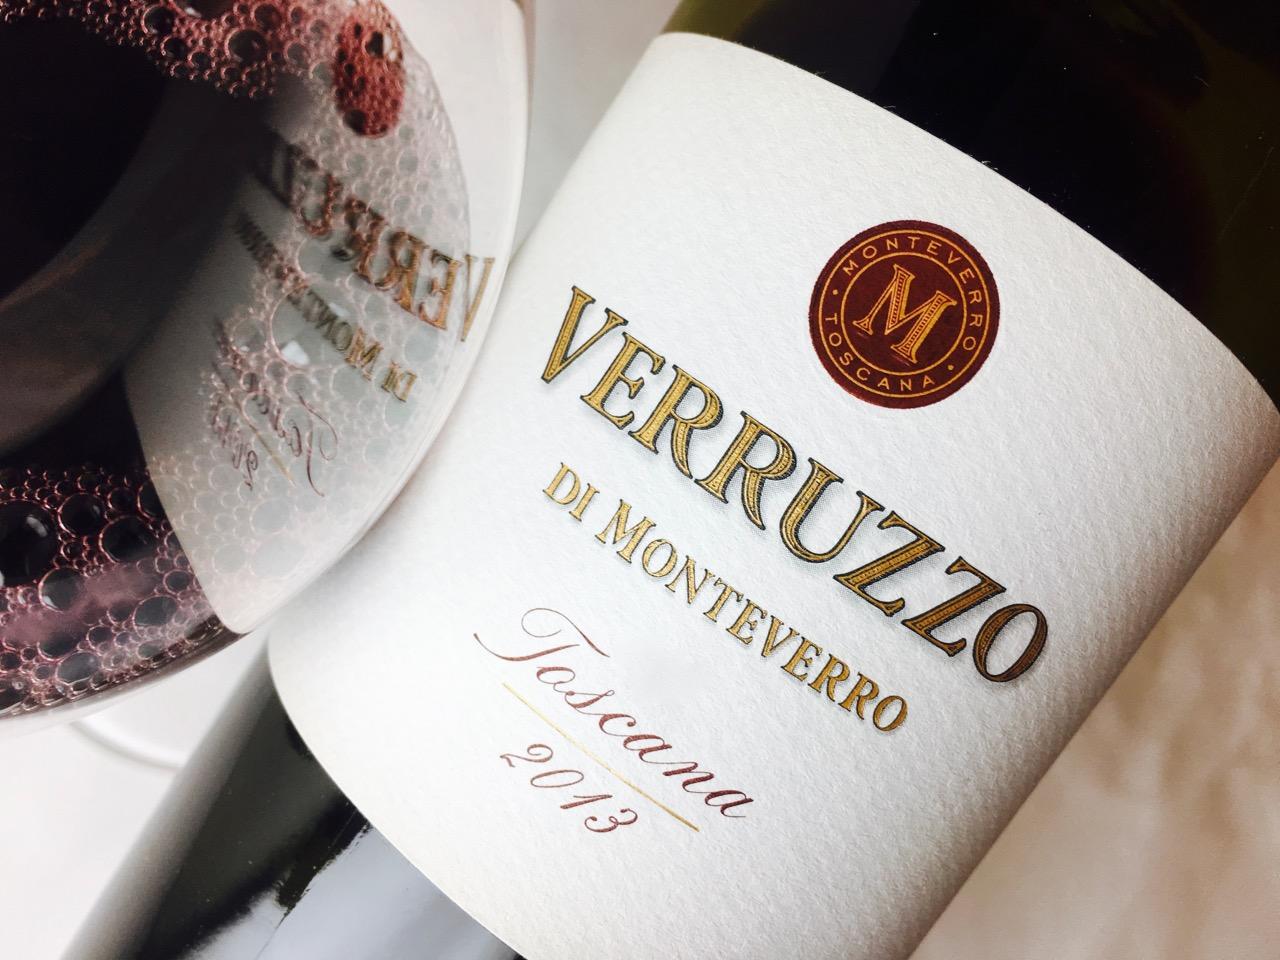 2013 Verruzzo di Monteverro Toscana